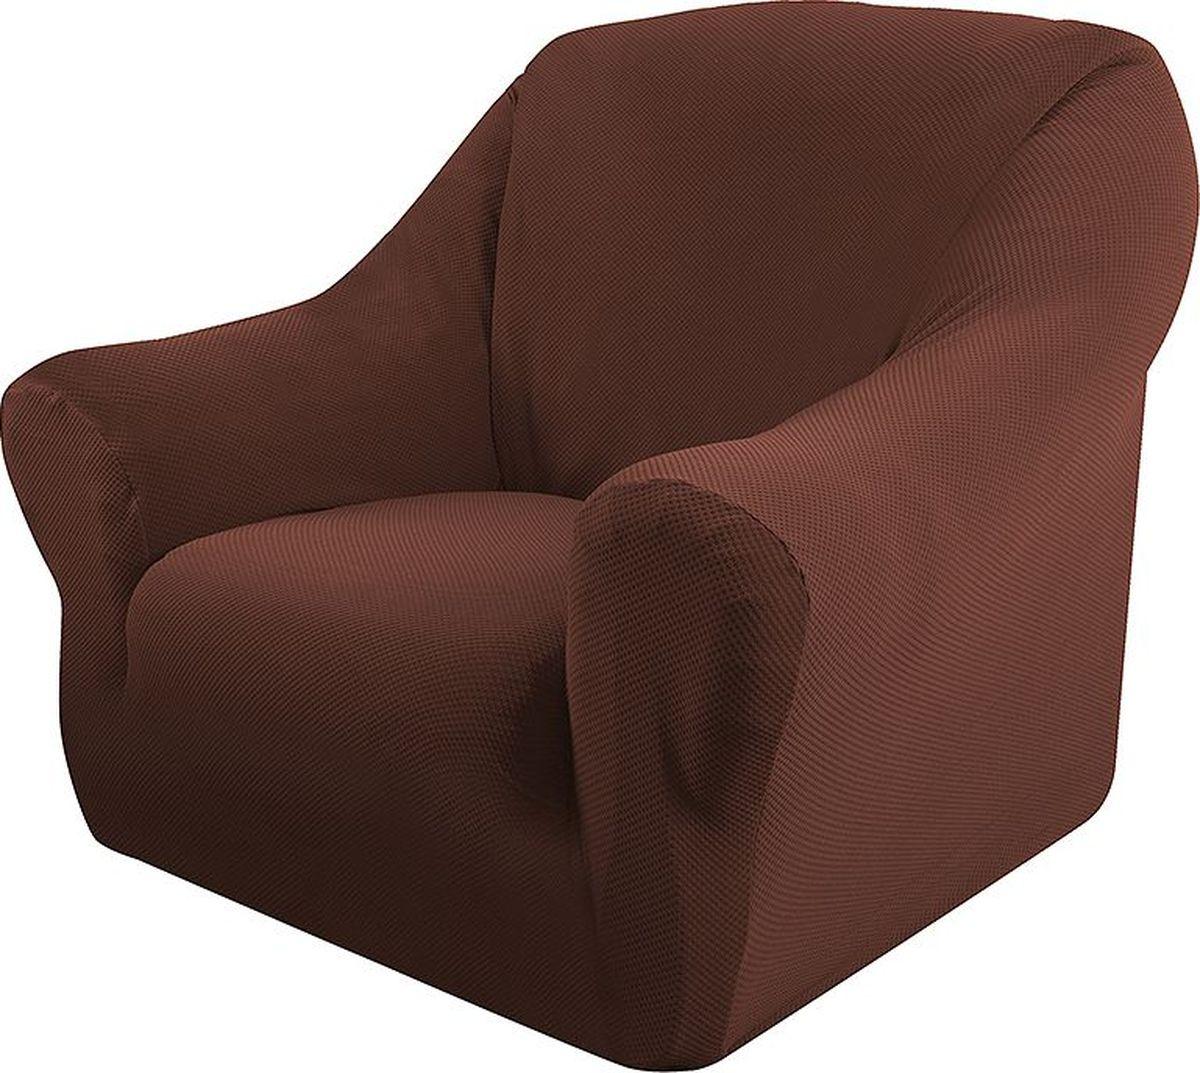 Чехол на кресло Медежда «Бирмингем», цвет: шоколадный  угловой диван кровать размеры